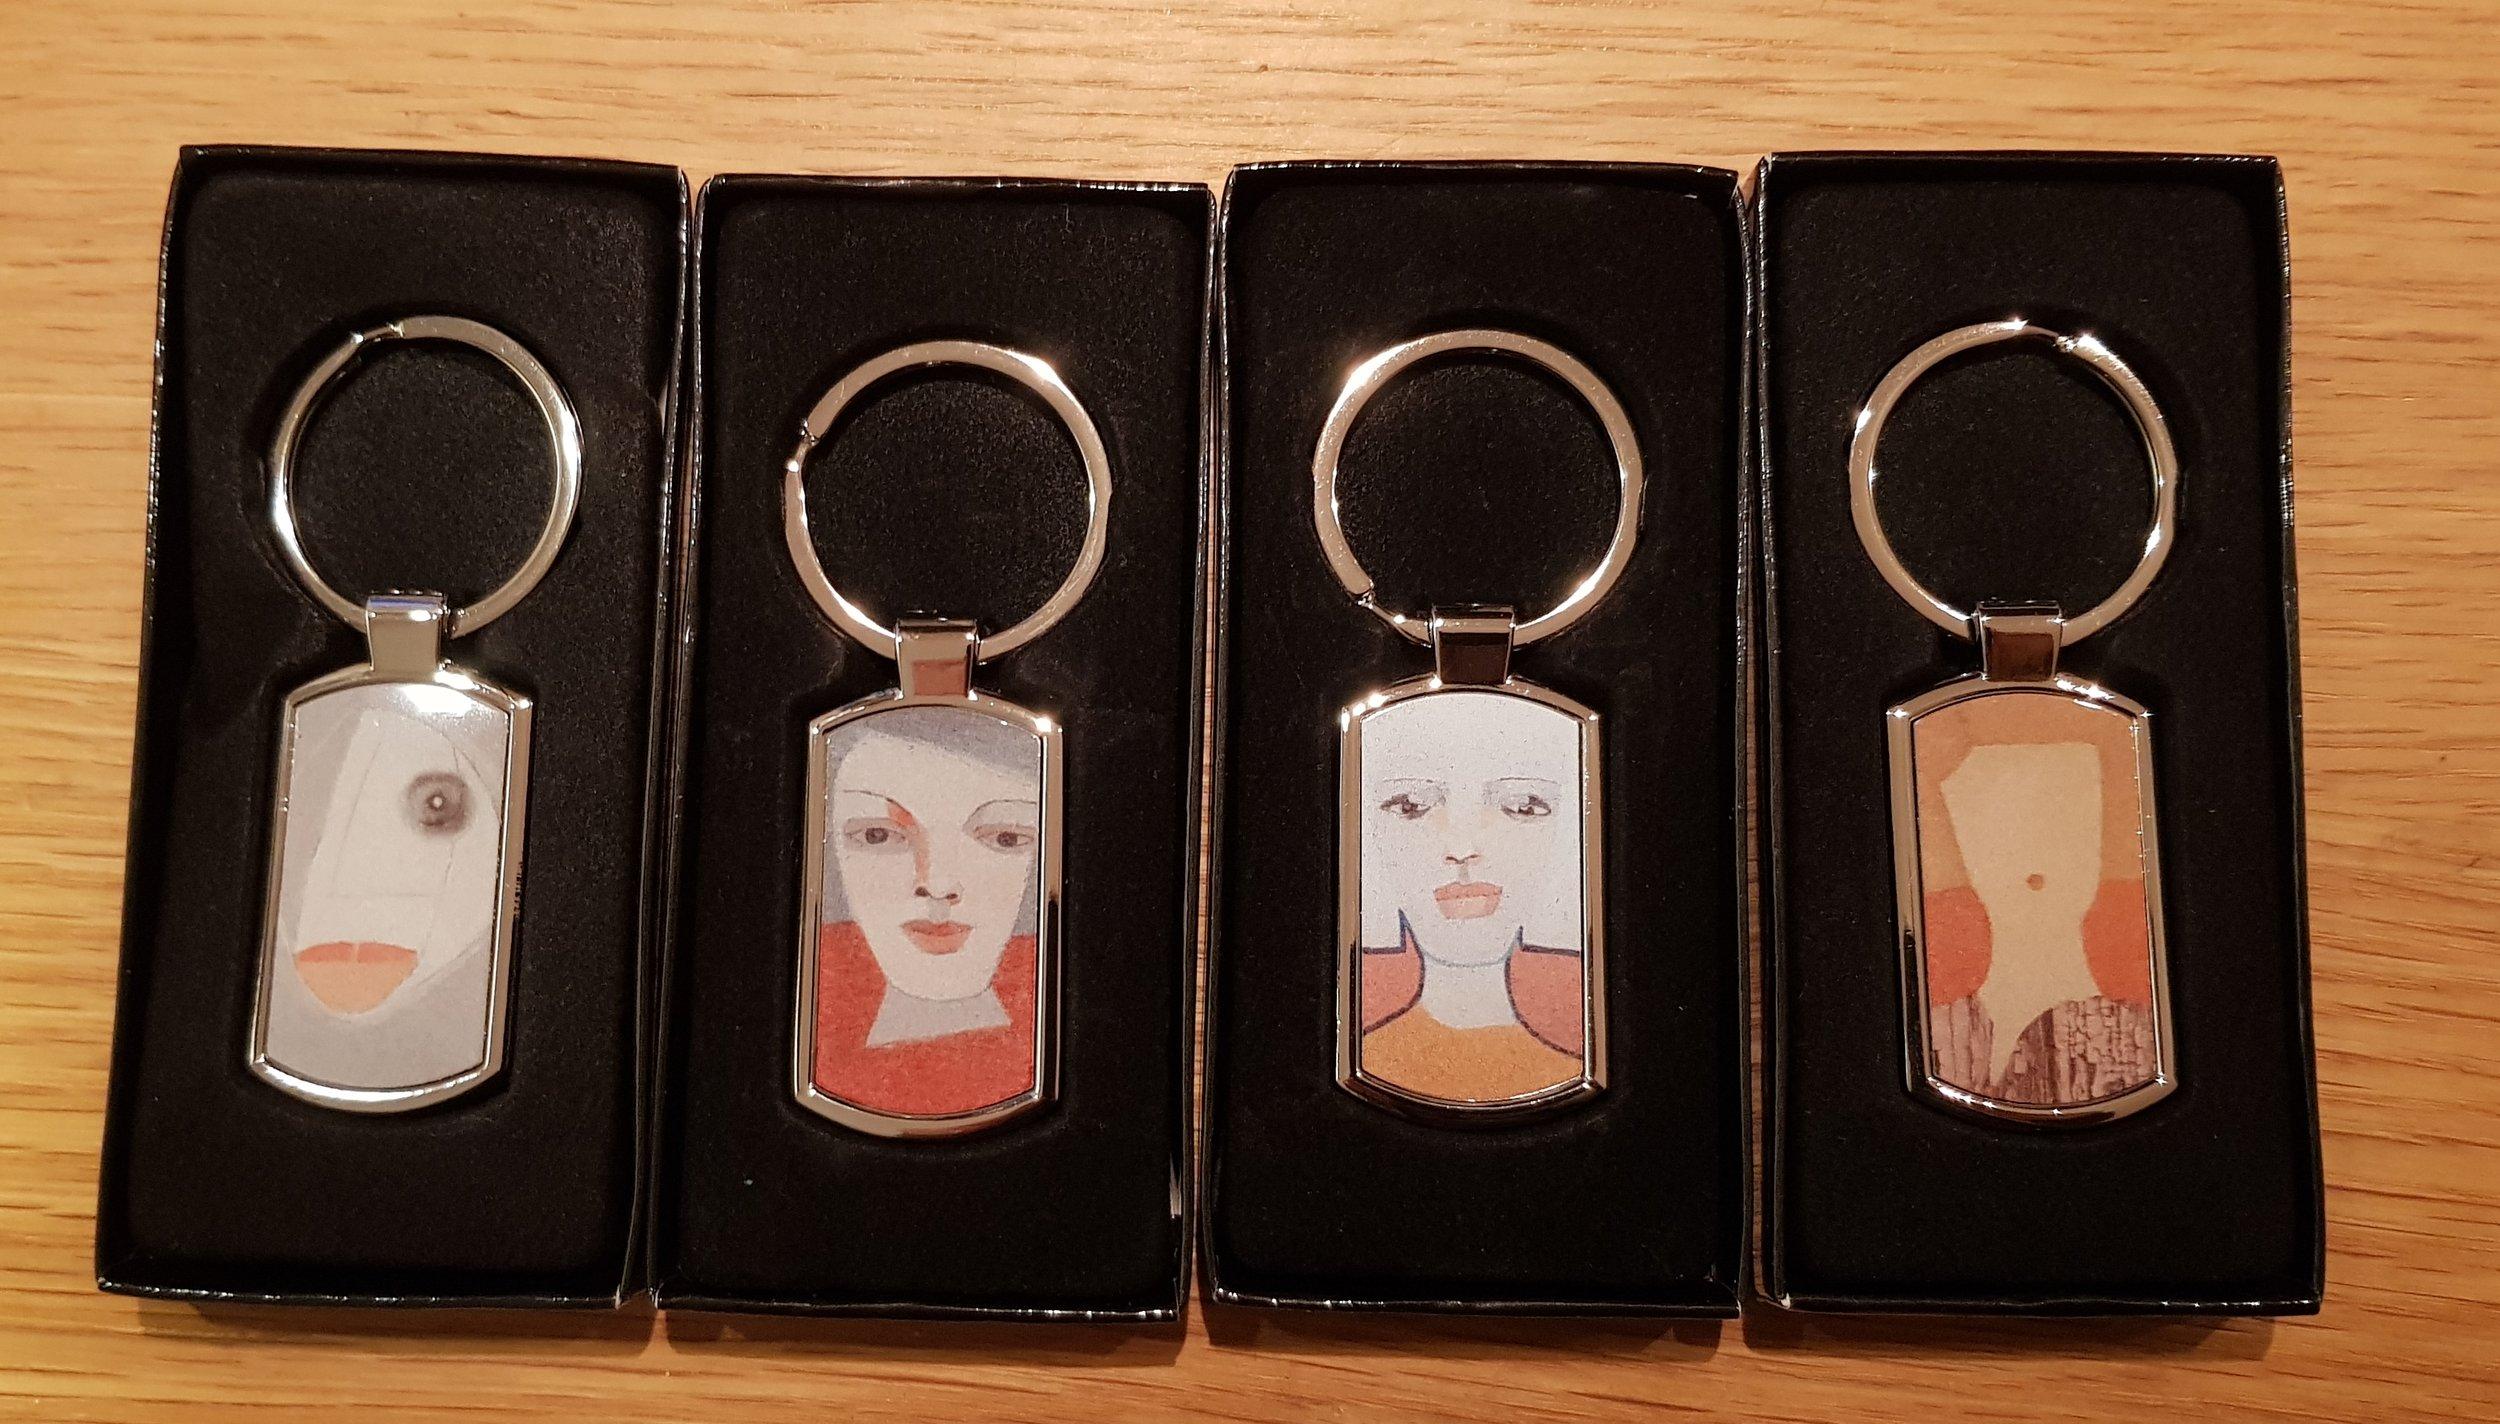 Nya nyckelringar!